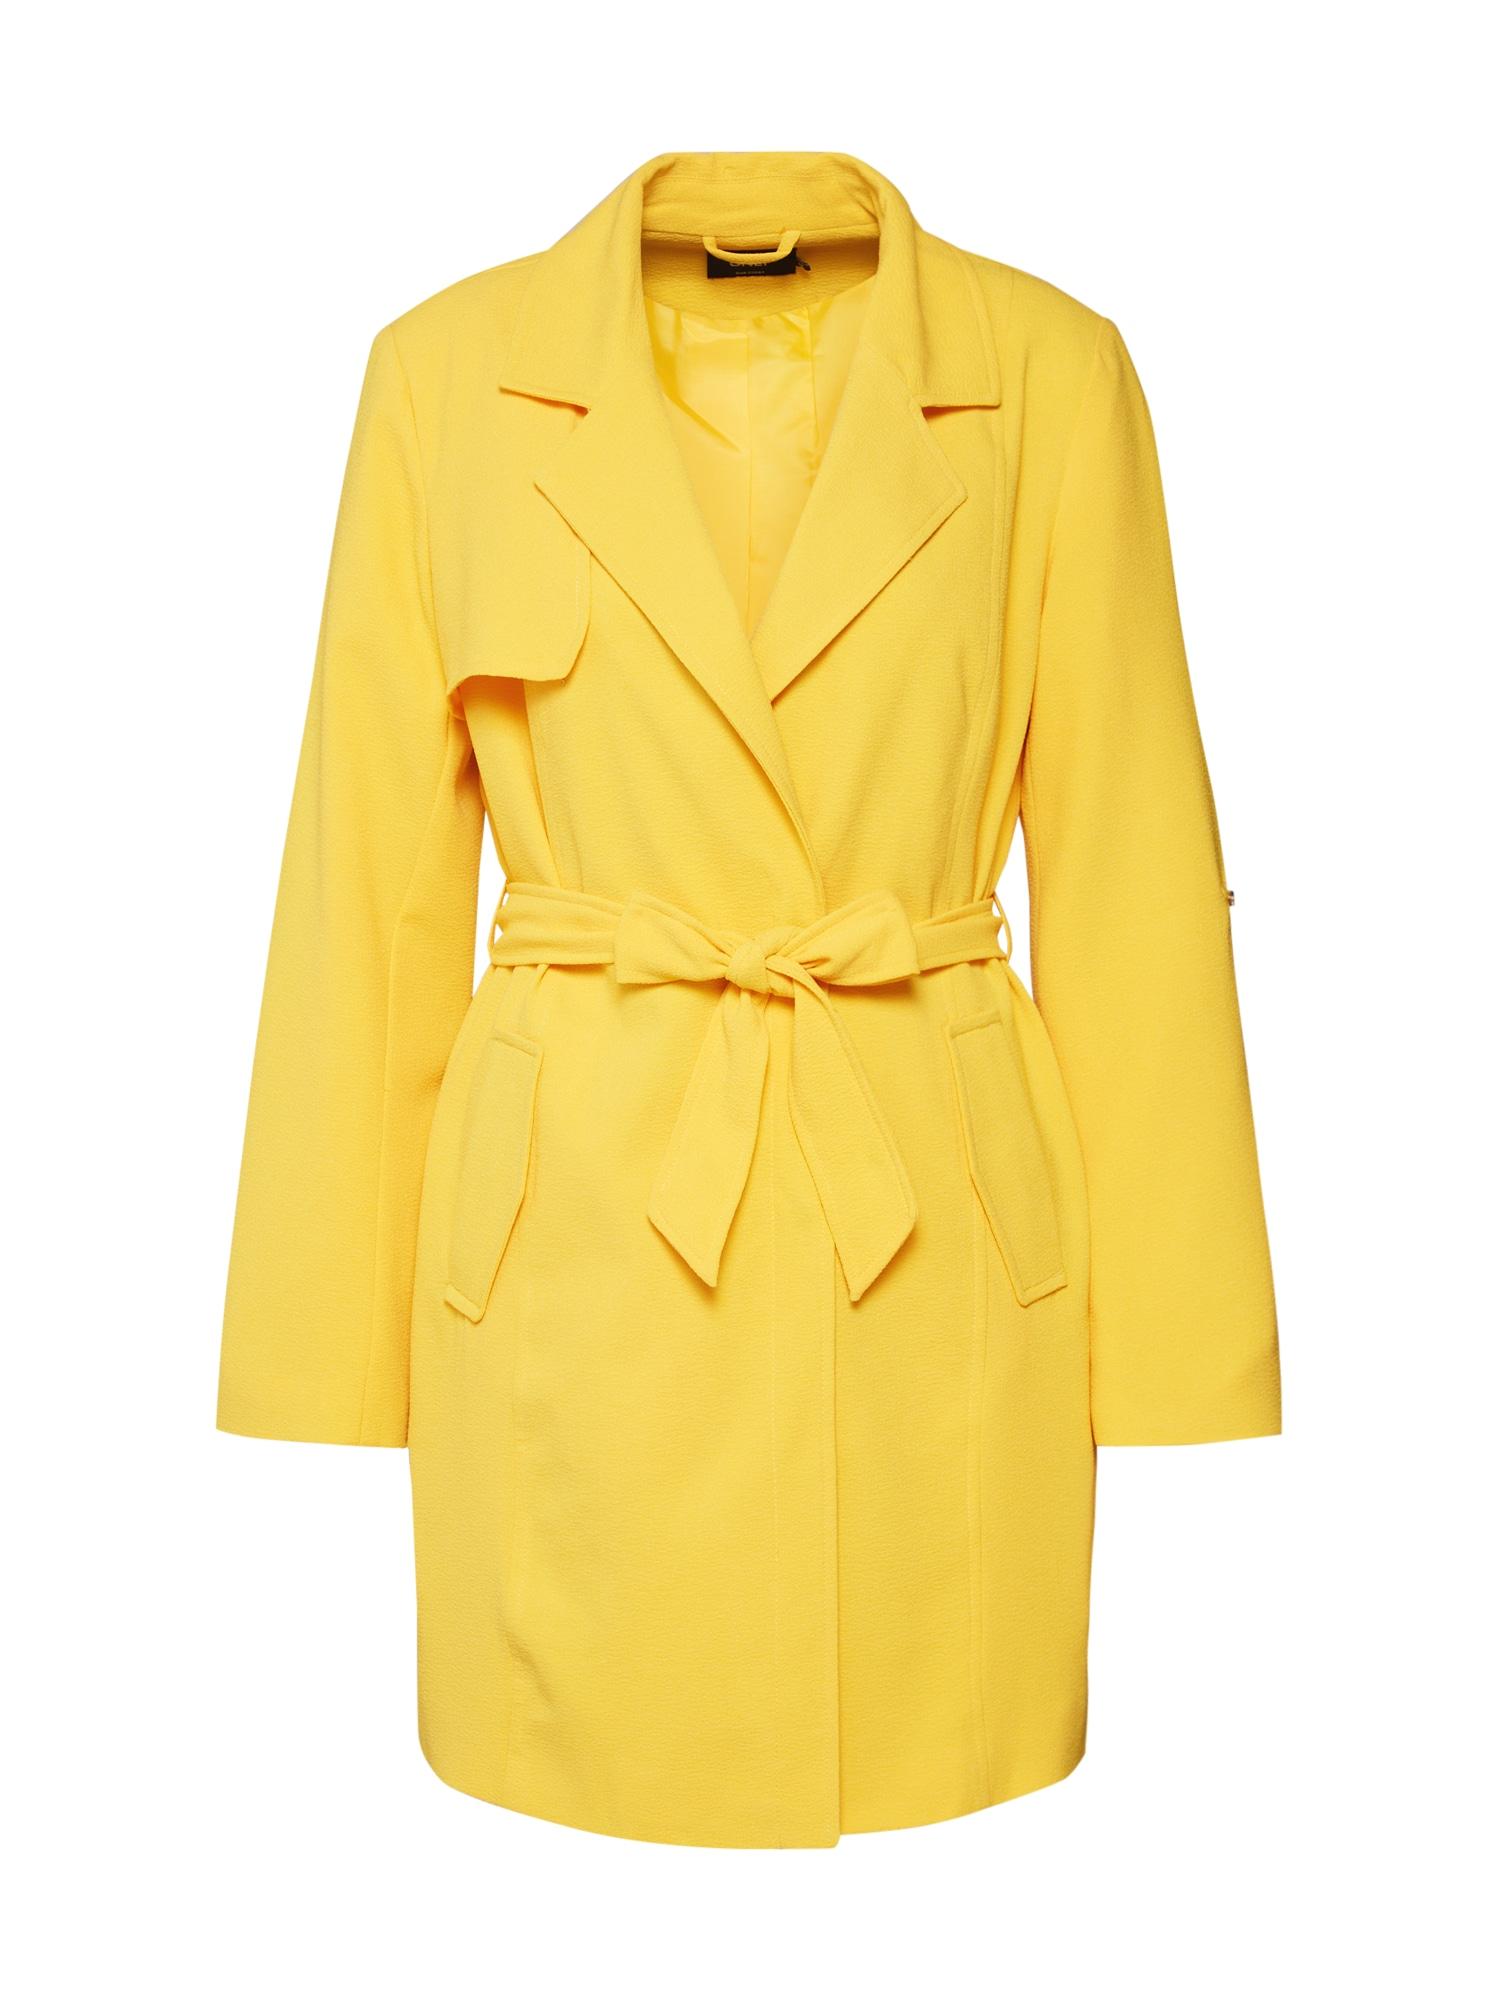 Přechodný kabát onlJANE žlutá ONLY